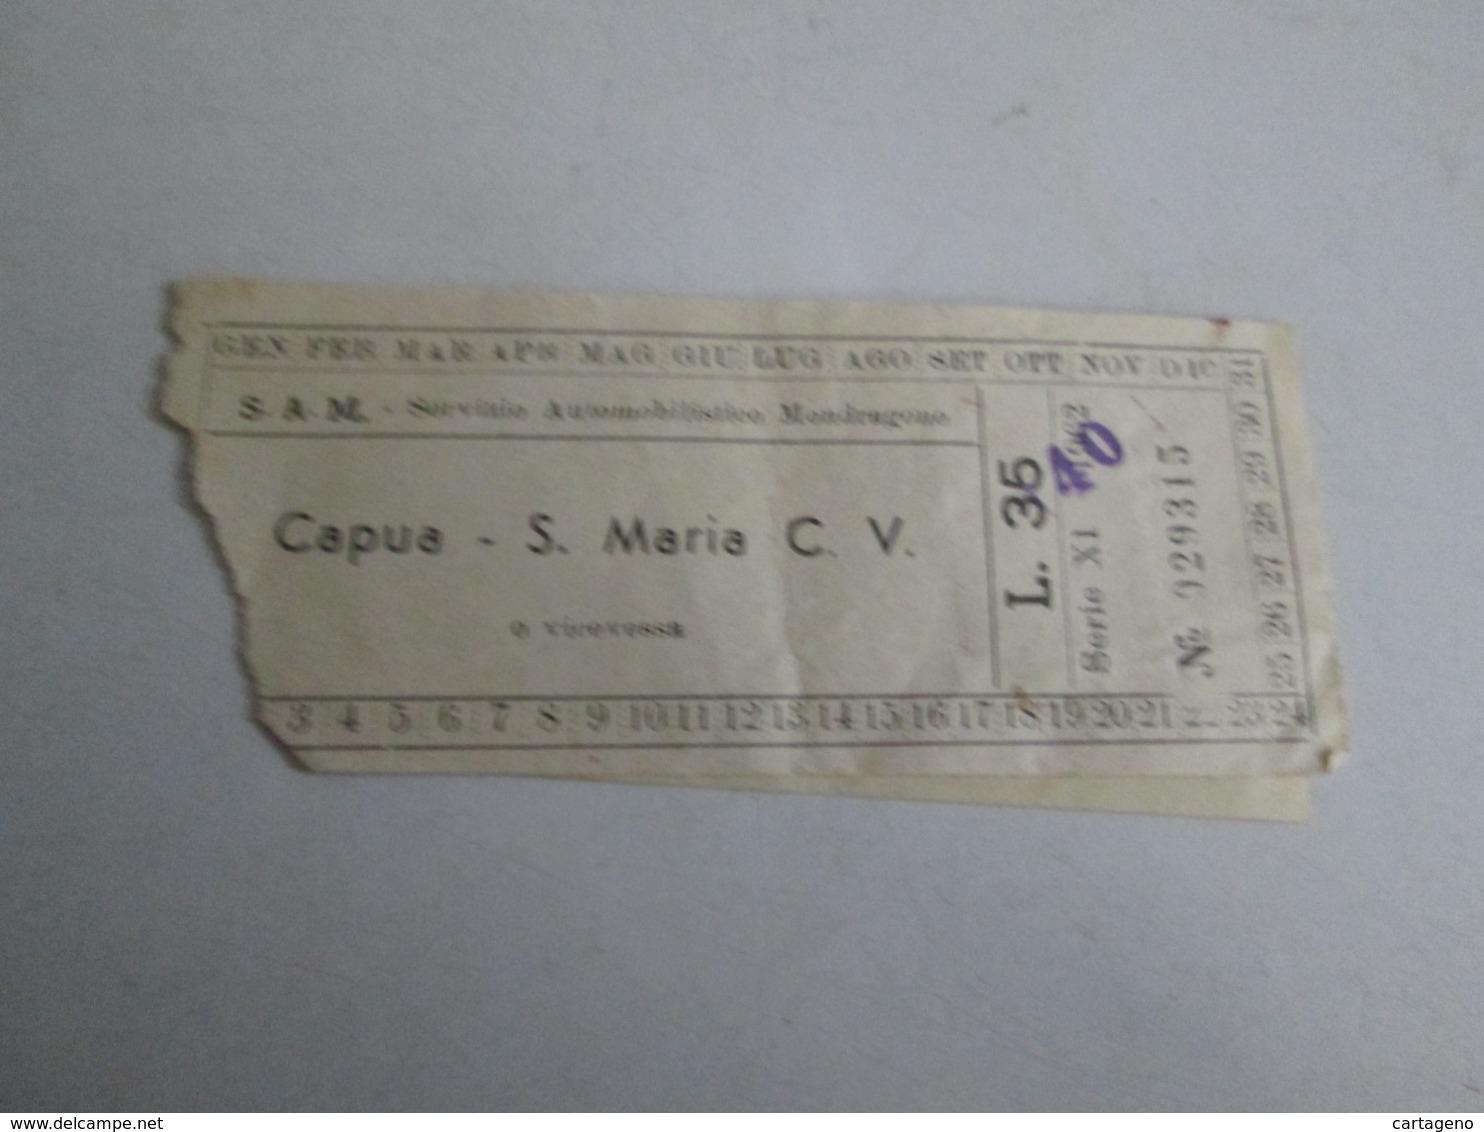 S.A.M Biglietto Da Lire 35  Capua-santa Maria Capua Vetere E Viceversa Con Marca Da Bollo - Europa